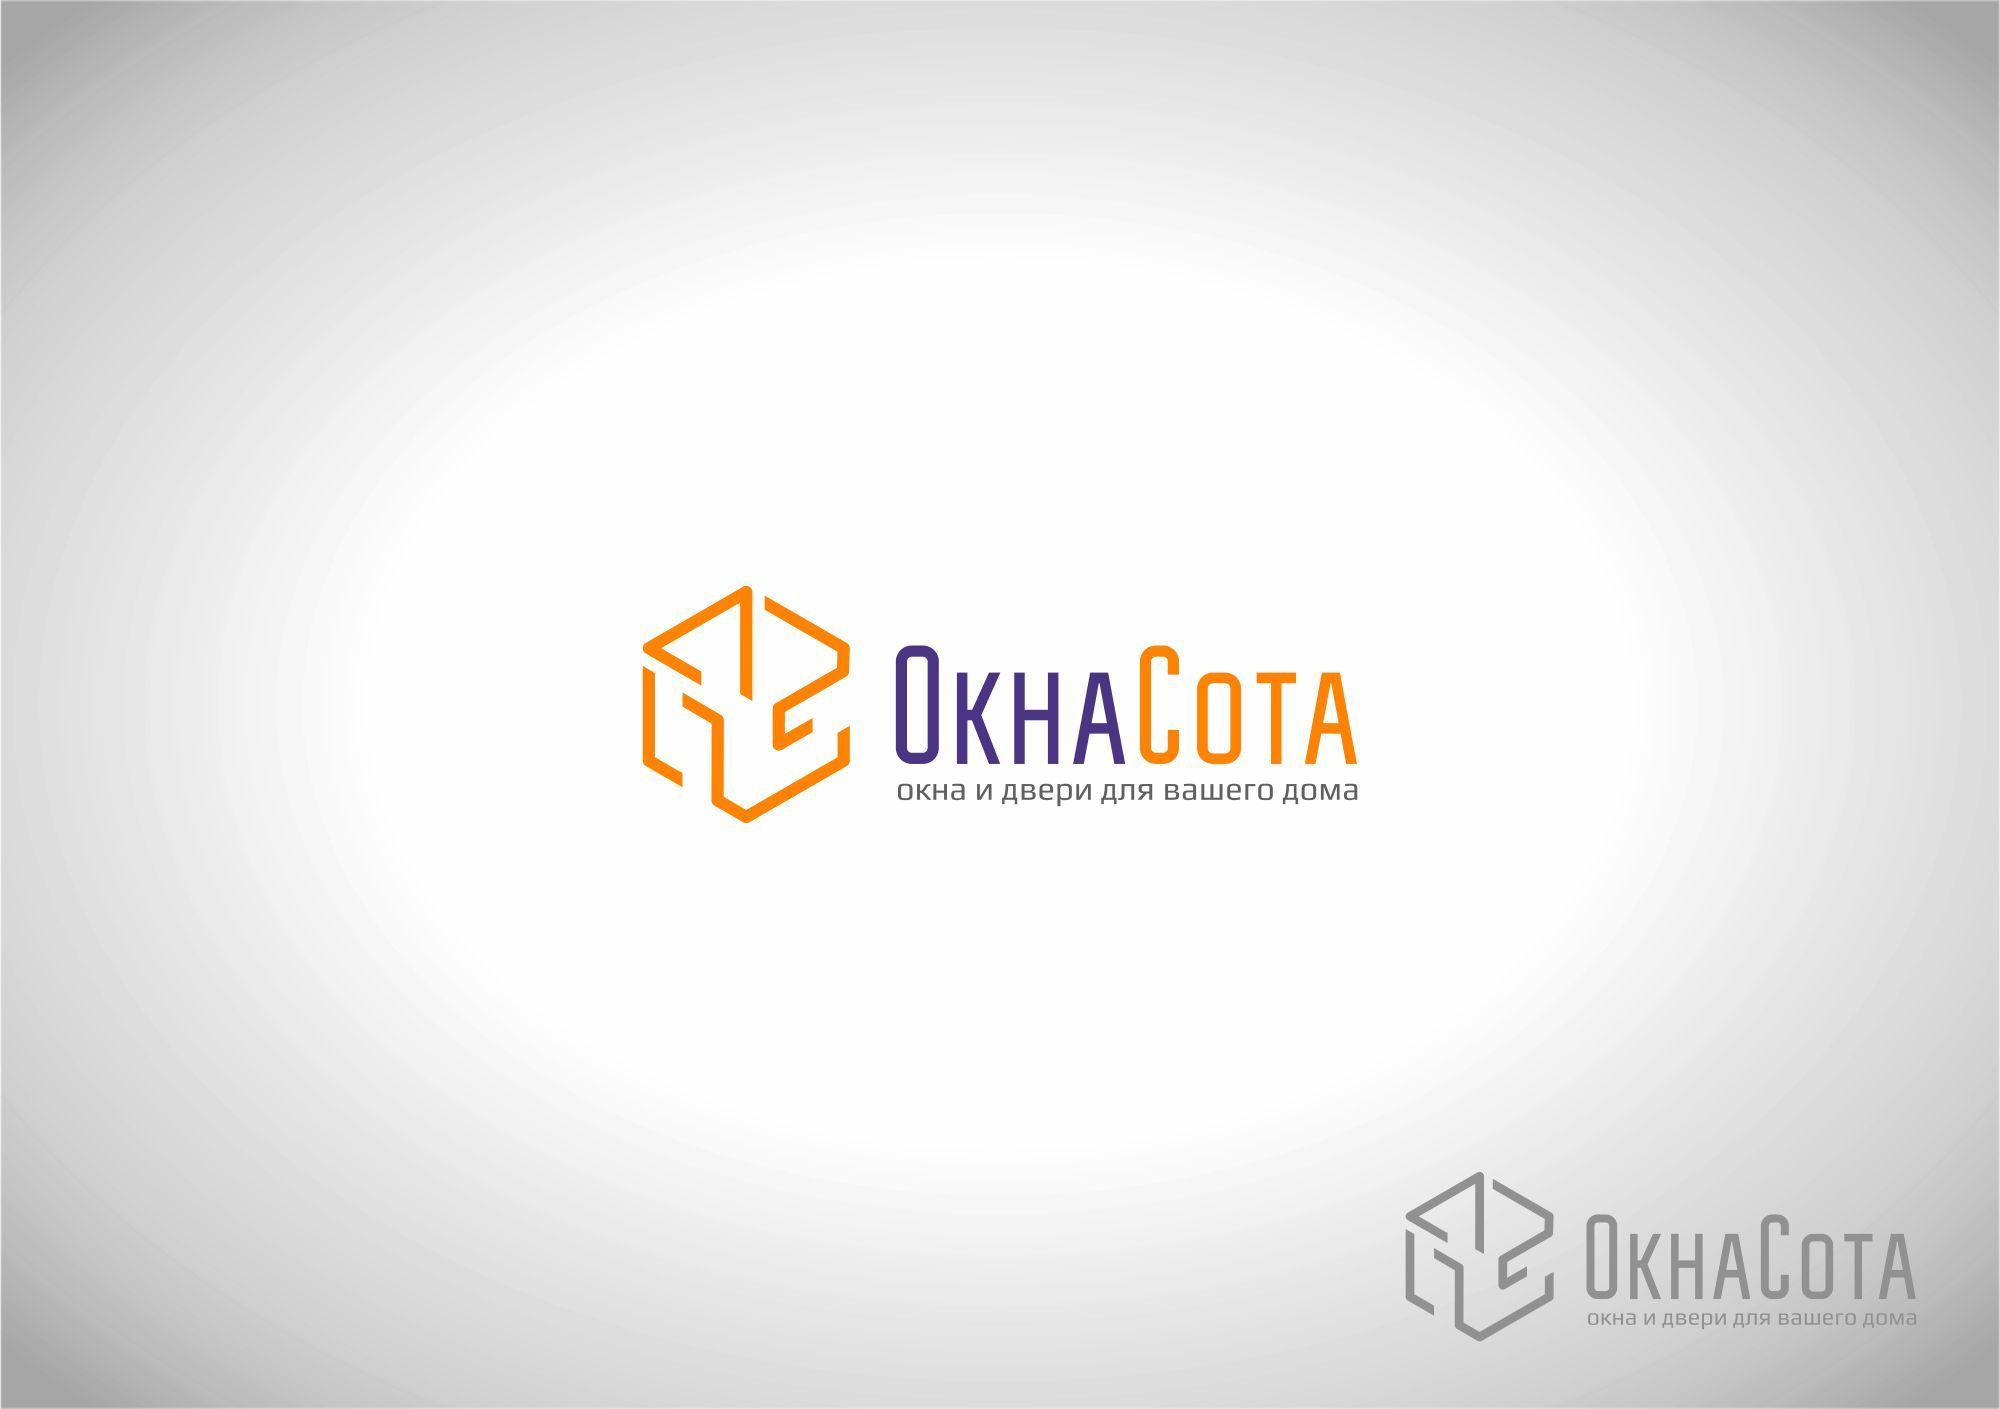 Логотип для ОКНАСОТА - дизайнер Katariosss